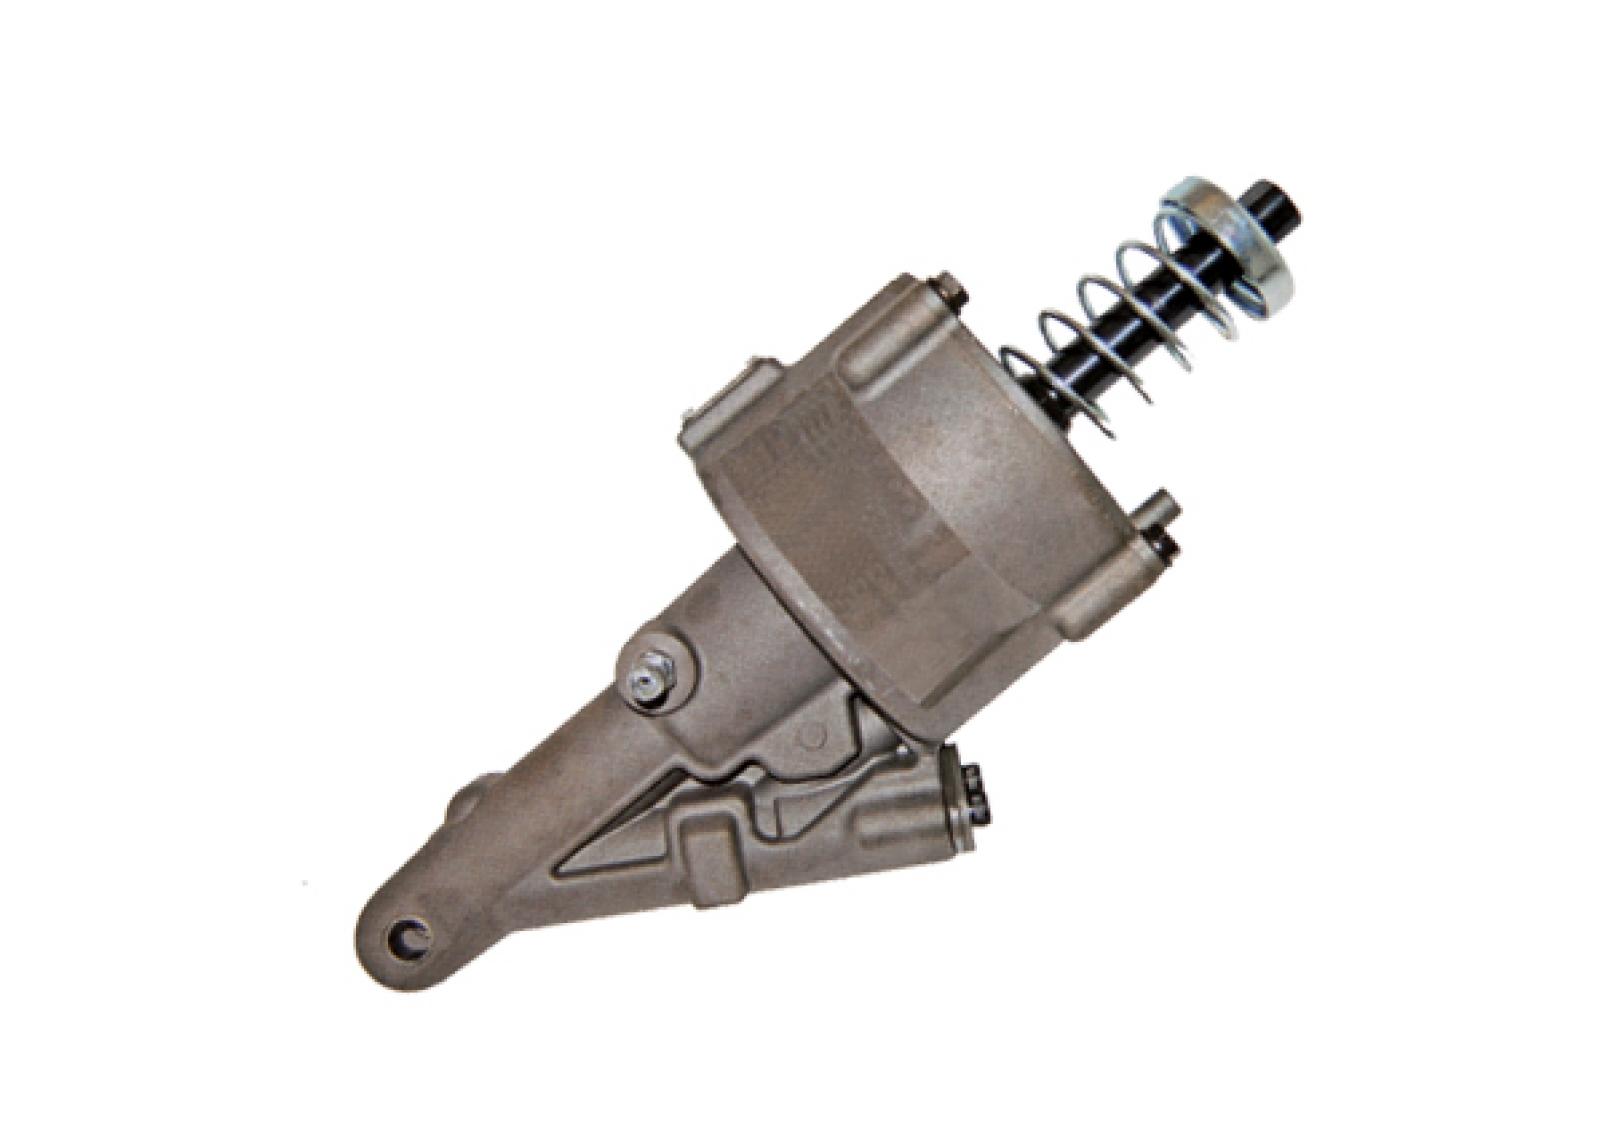 Clutch Servo Unit for Scania, 622107 AM, 622109 AM, 575182, 622107AM, 622109AM, 360717, 360719, 575182